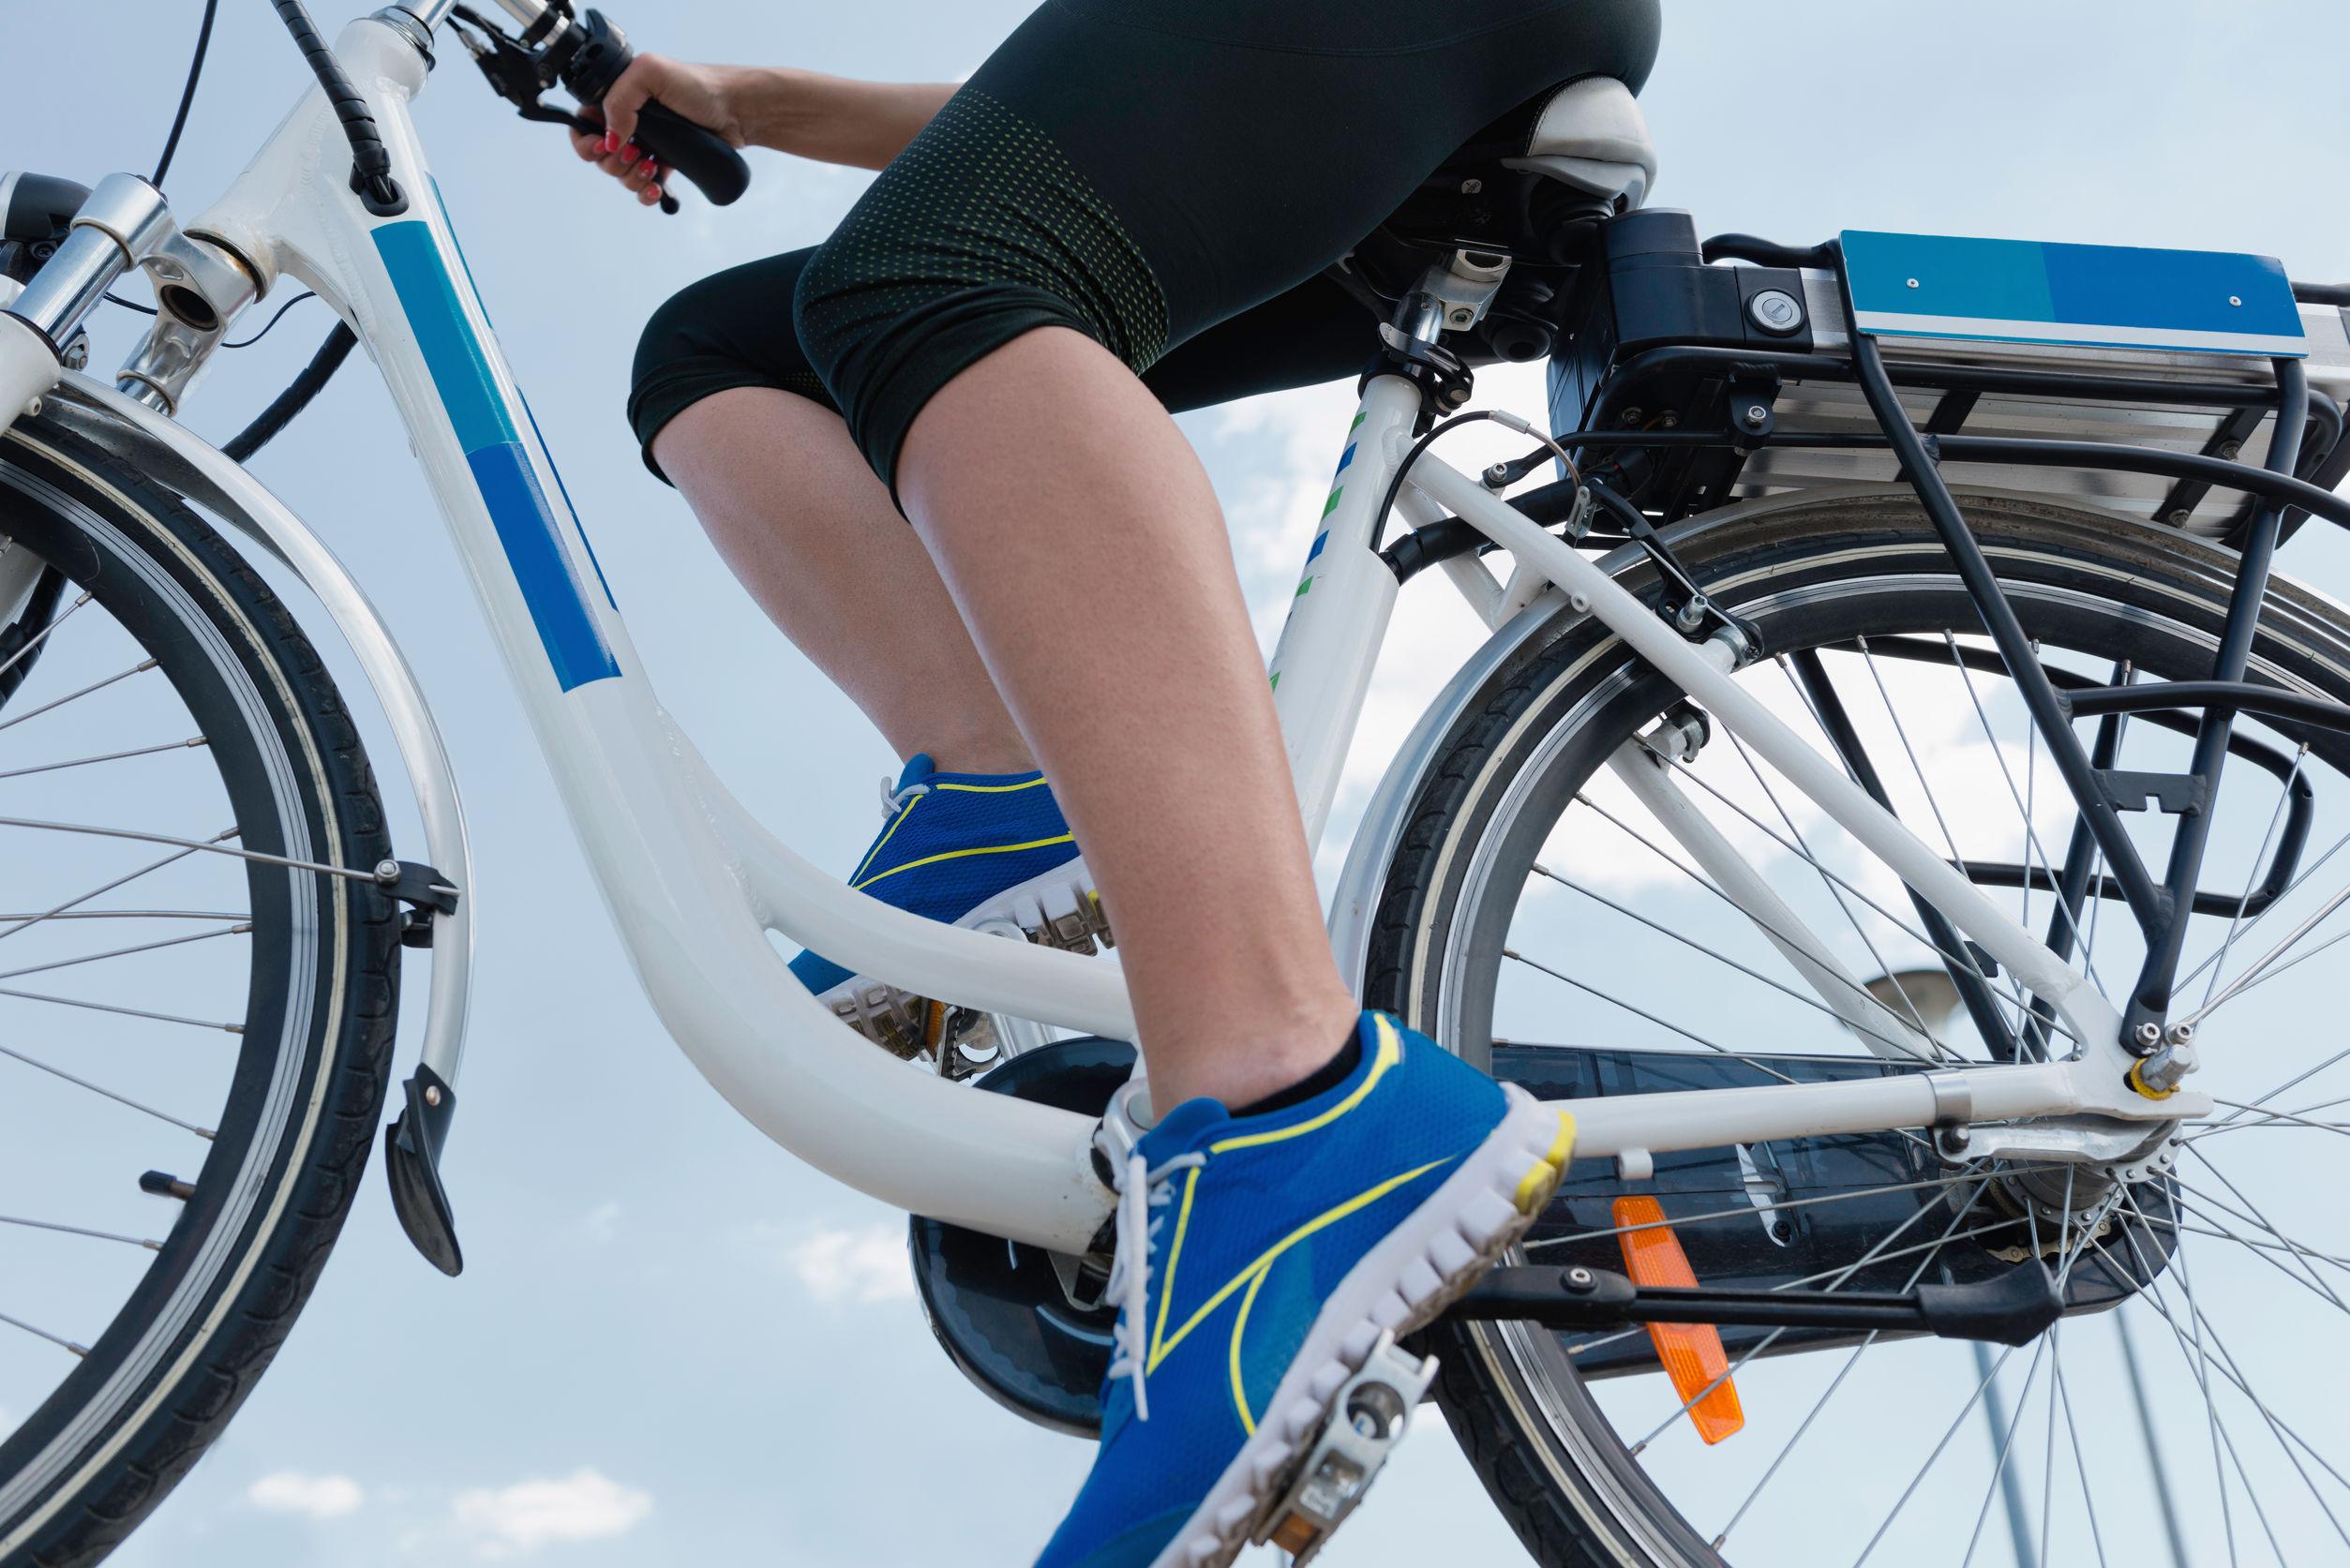 Akku für die Fahrradbeleuchtung: Test & Empfehlungen (05/21)